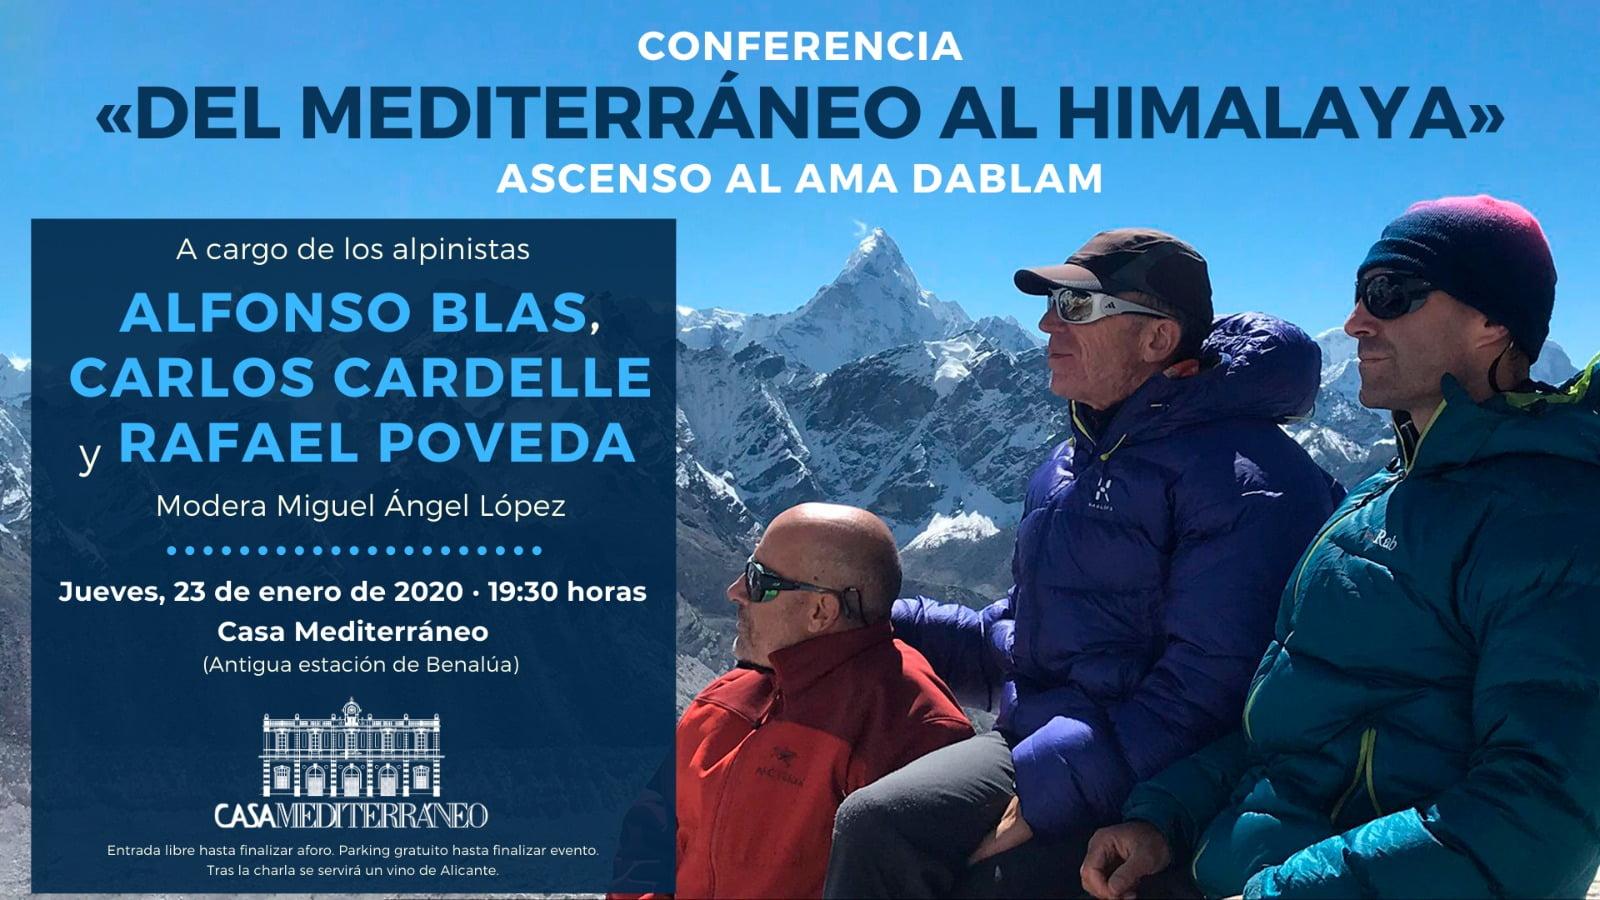 """Conferencia """"DEL MEDITERRÁNEO AL HIMALAYA"""". Ascenso al Ama Dablam."""